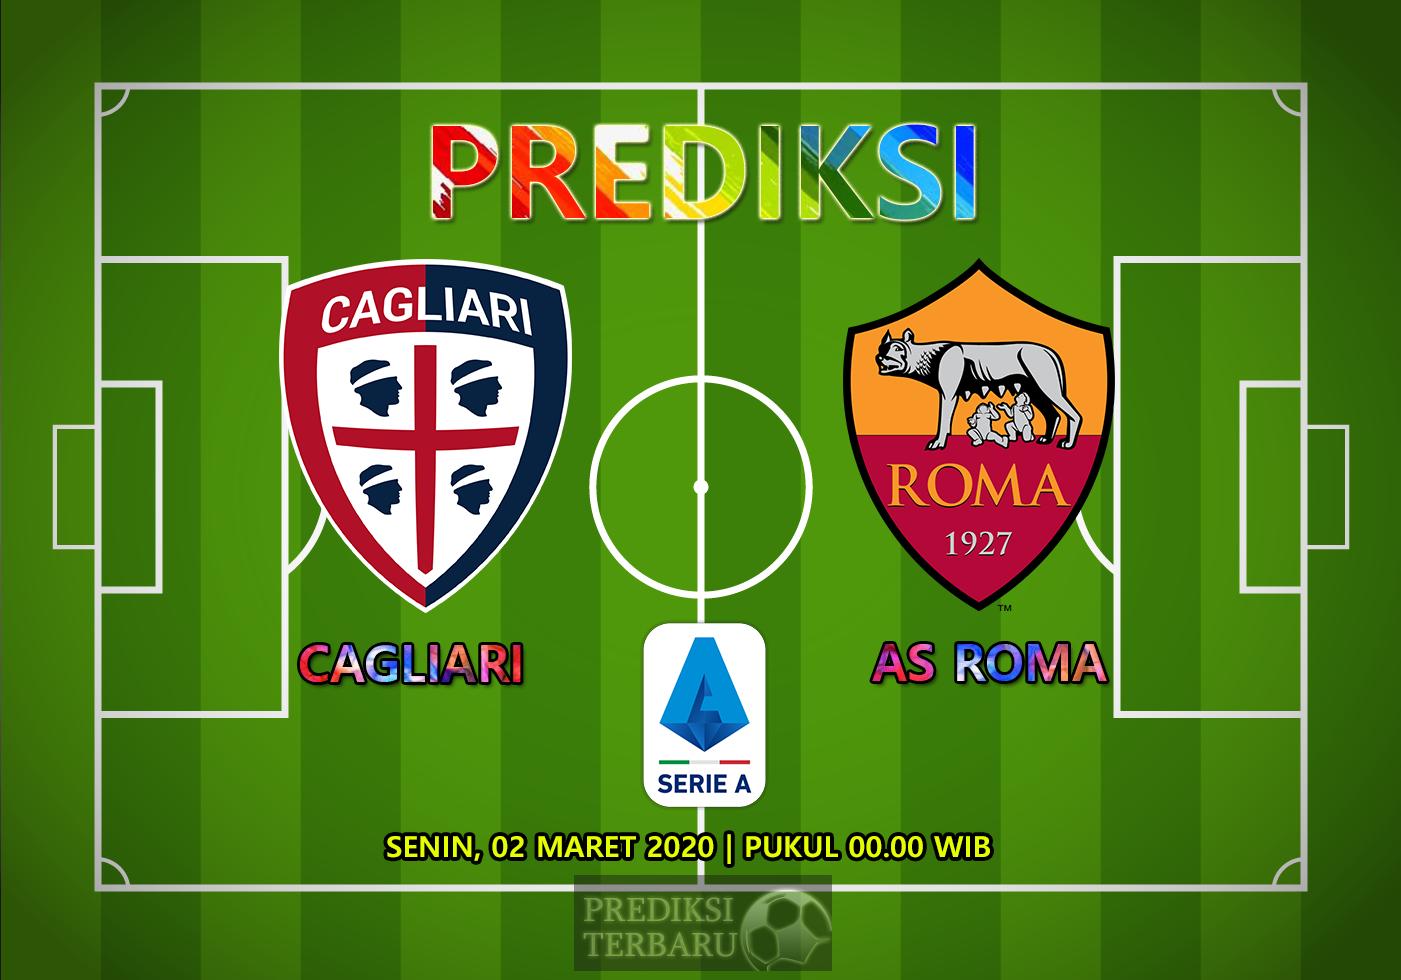 Prediksi Cagliari Vs Roma Senin 02 Maret